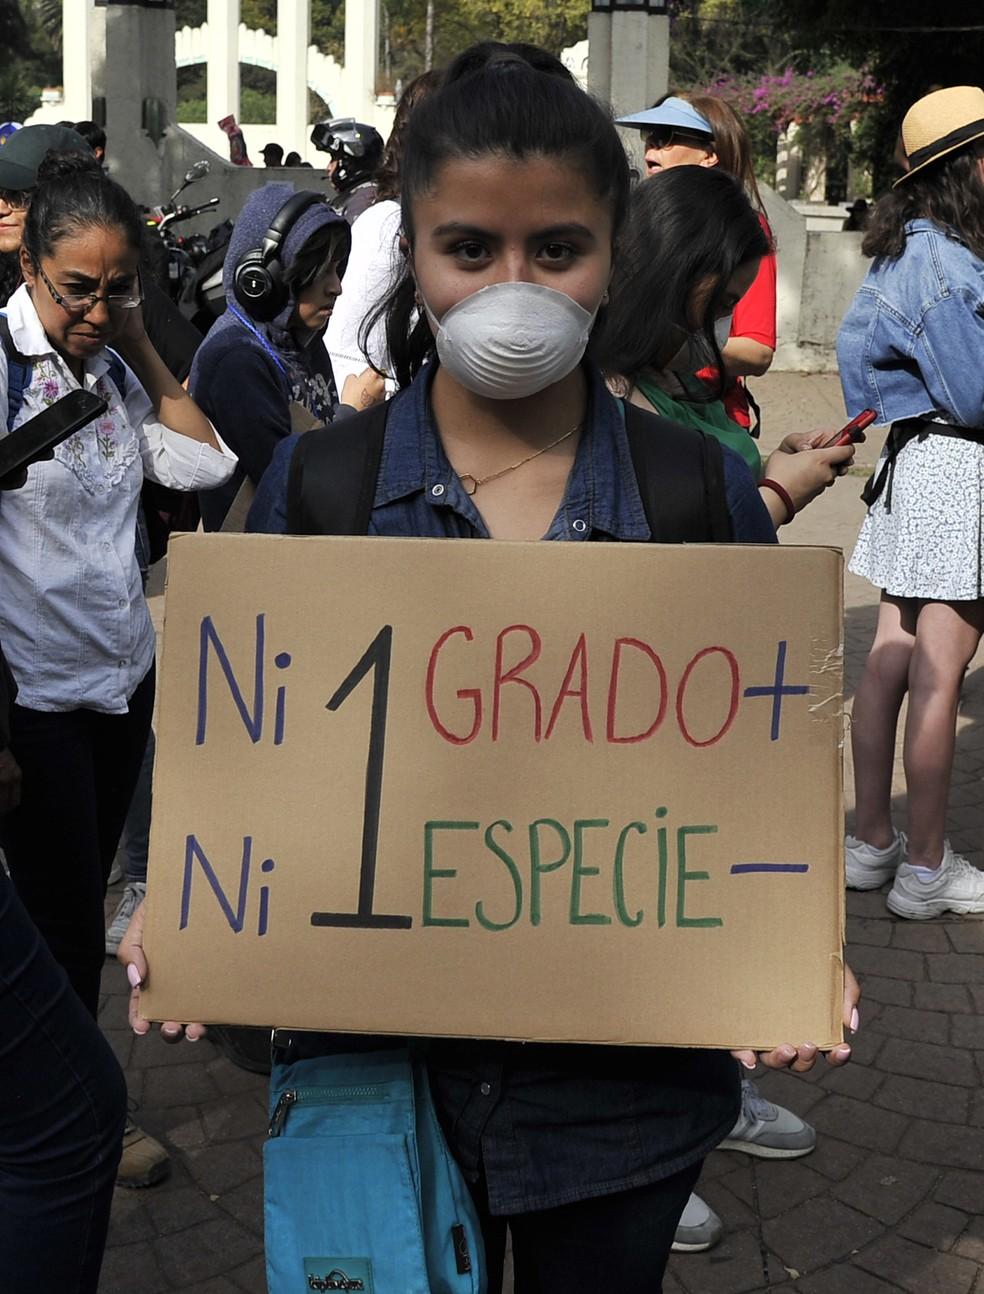 """""""Nem um grau a mais, nem uma espécie a menos"""", manifestante mexicana protesta durante mobilização global sobre a emergência climática, na Cidade do México, na sexta (29) — Foto: Claudio Cruz/AFP"""